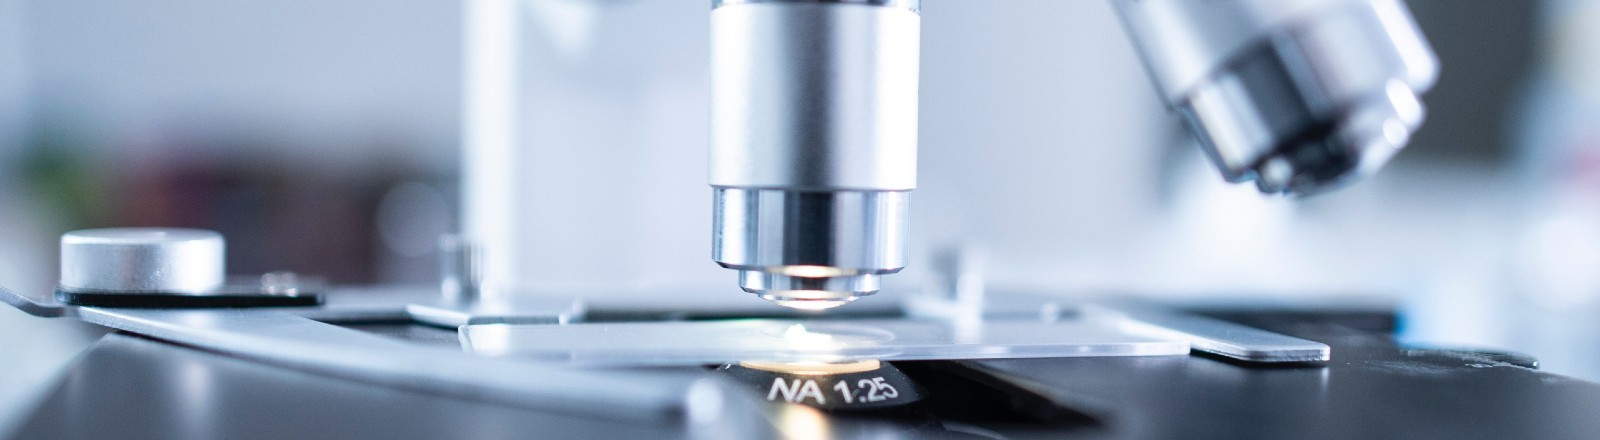 Ein Mikroskop aus dem Labor